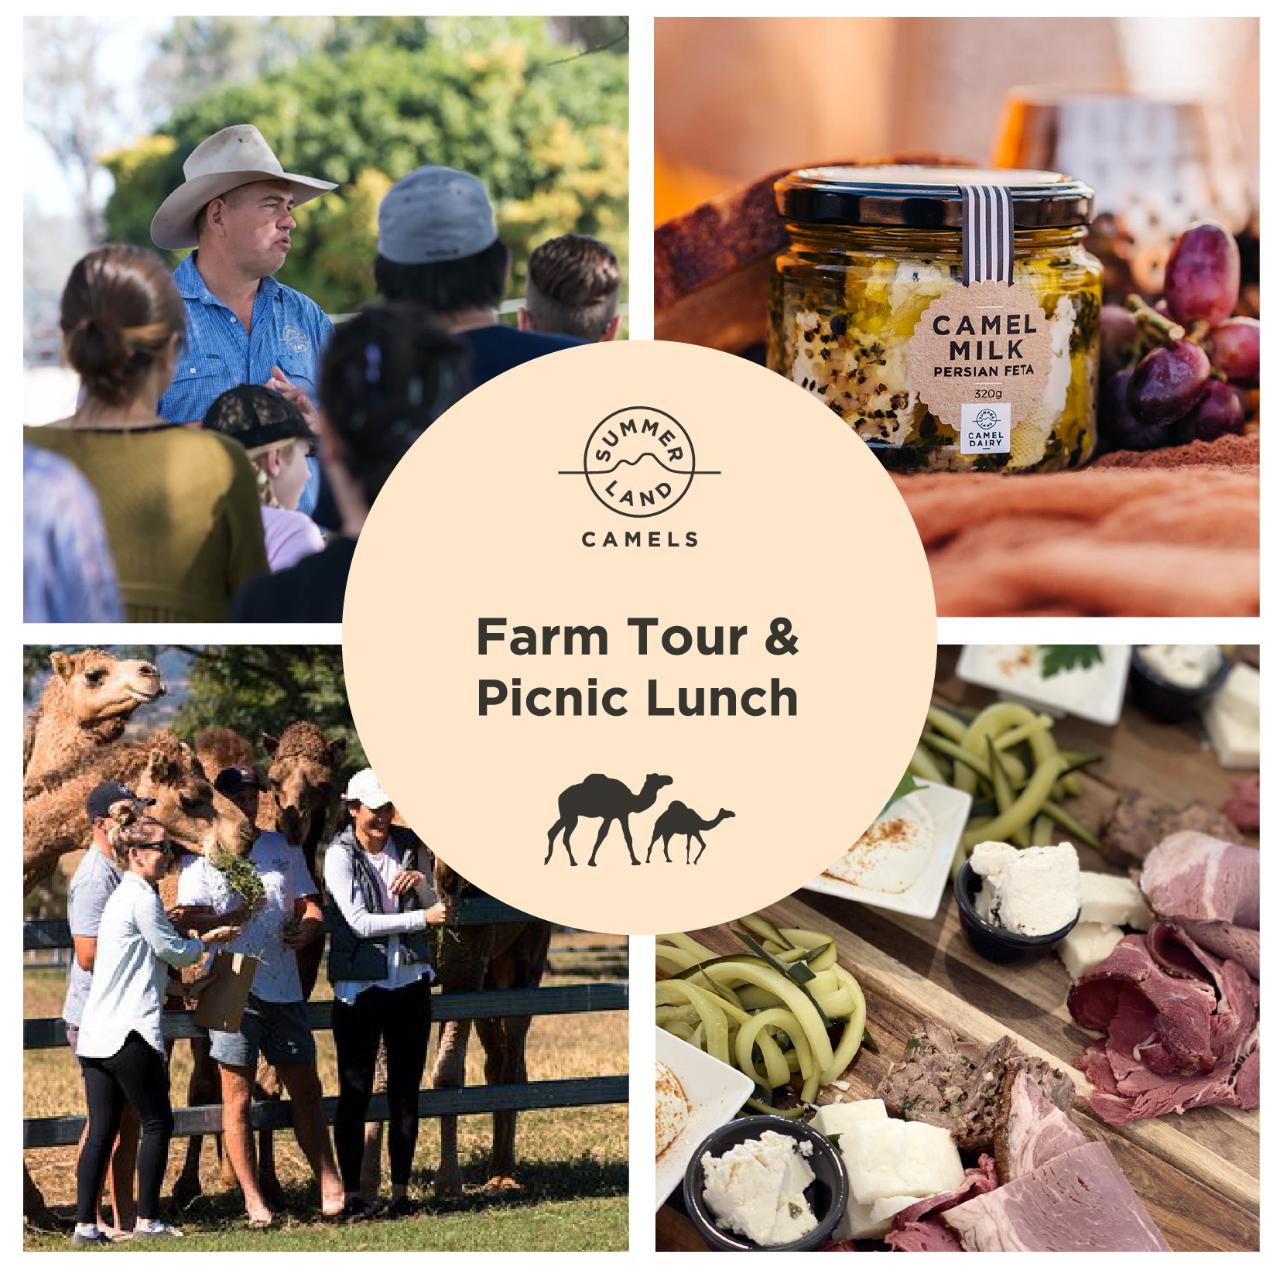 Farm Tour & Picnic Lunch